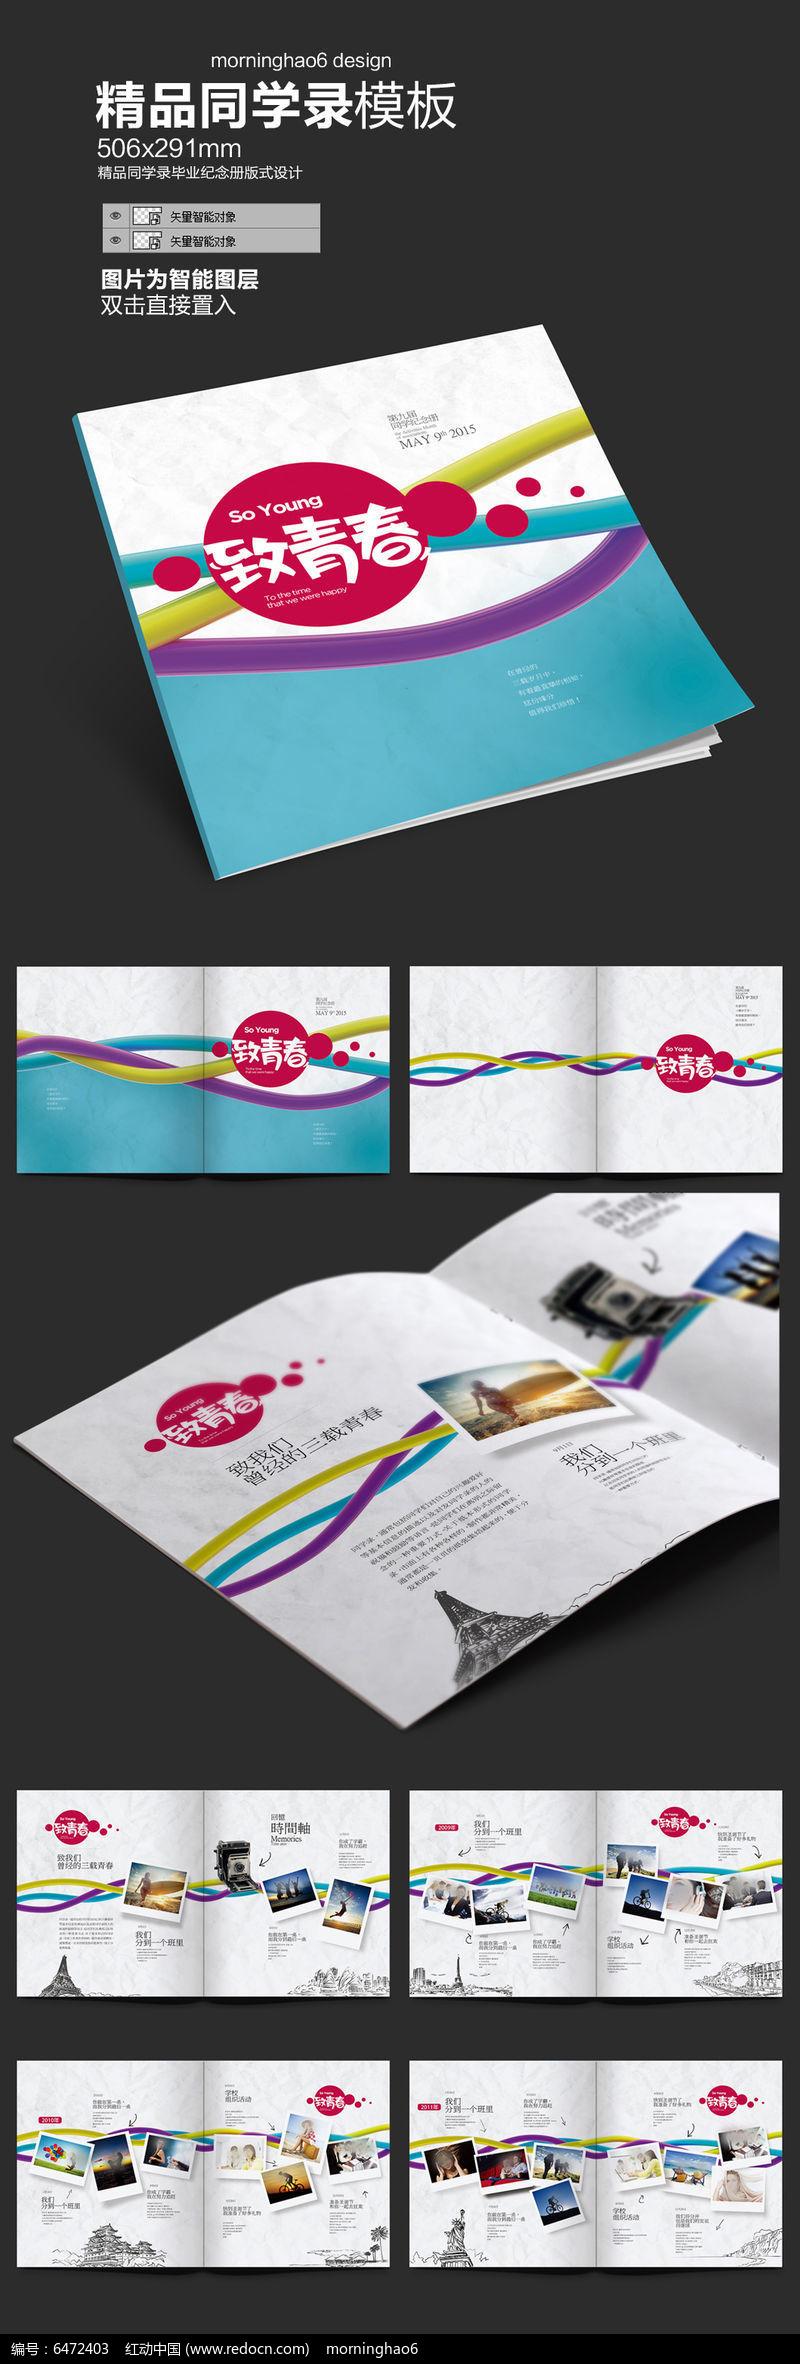 清新时间轴同学录版式设计图片